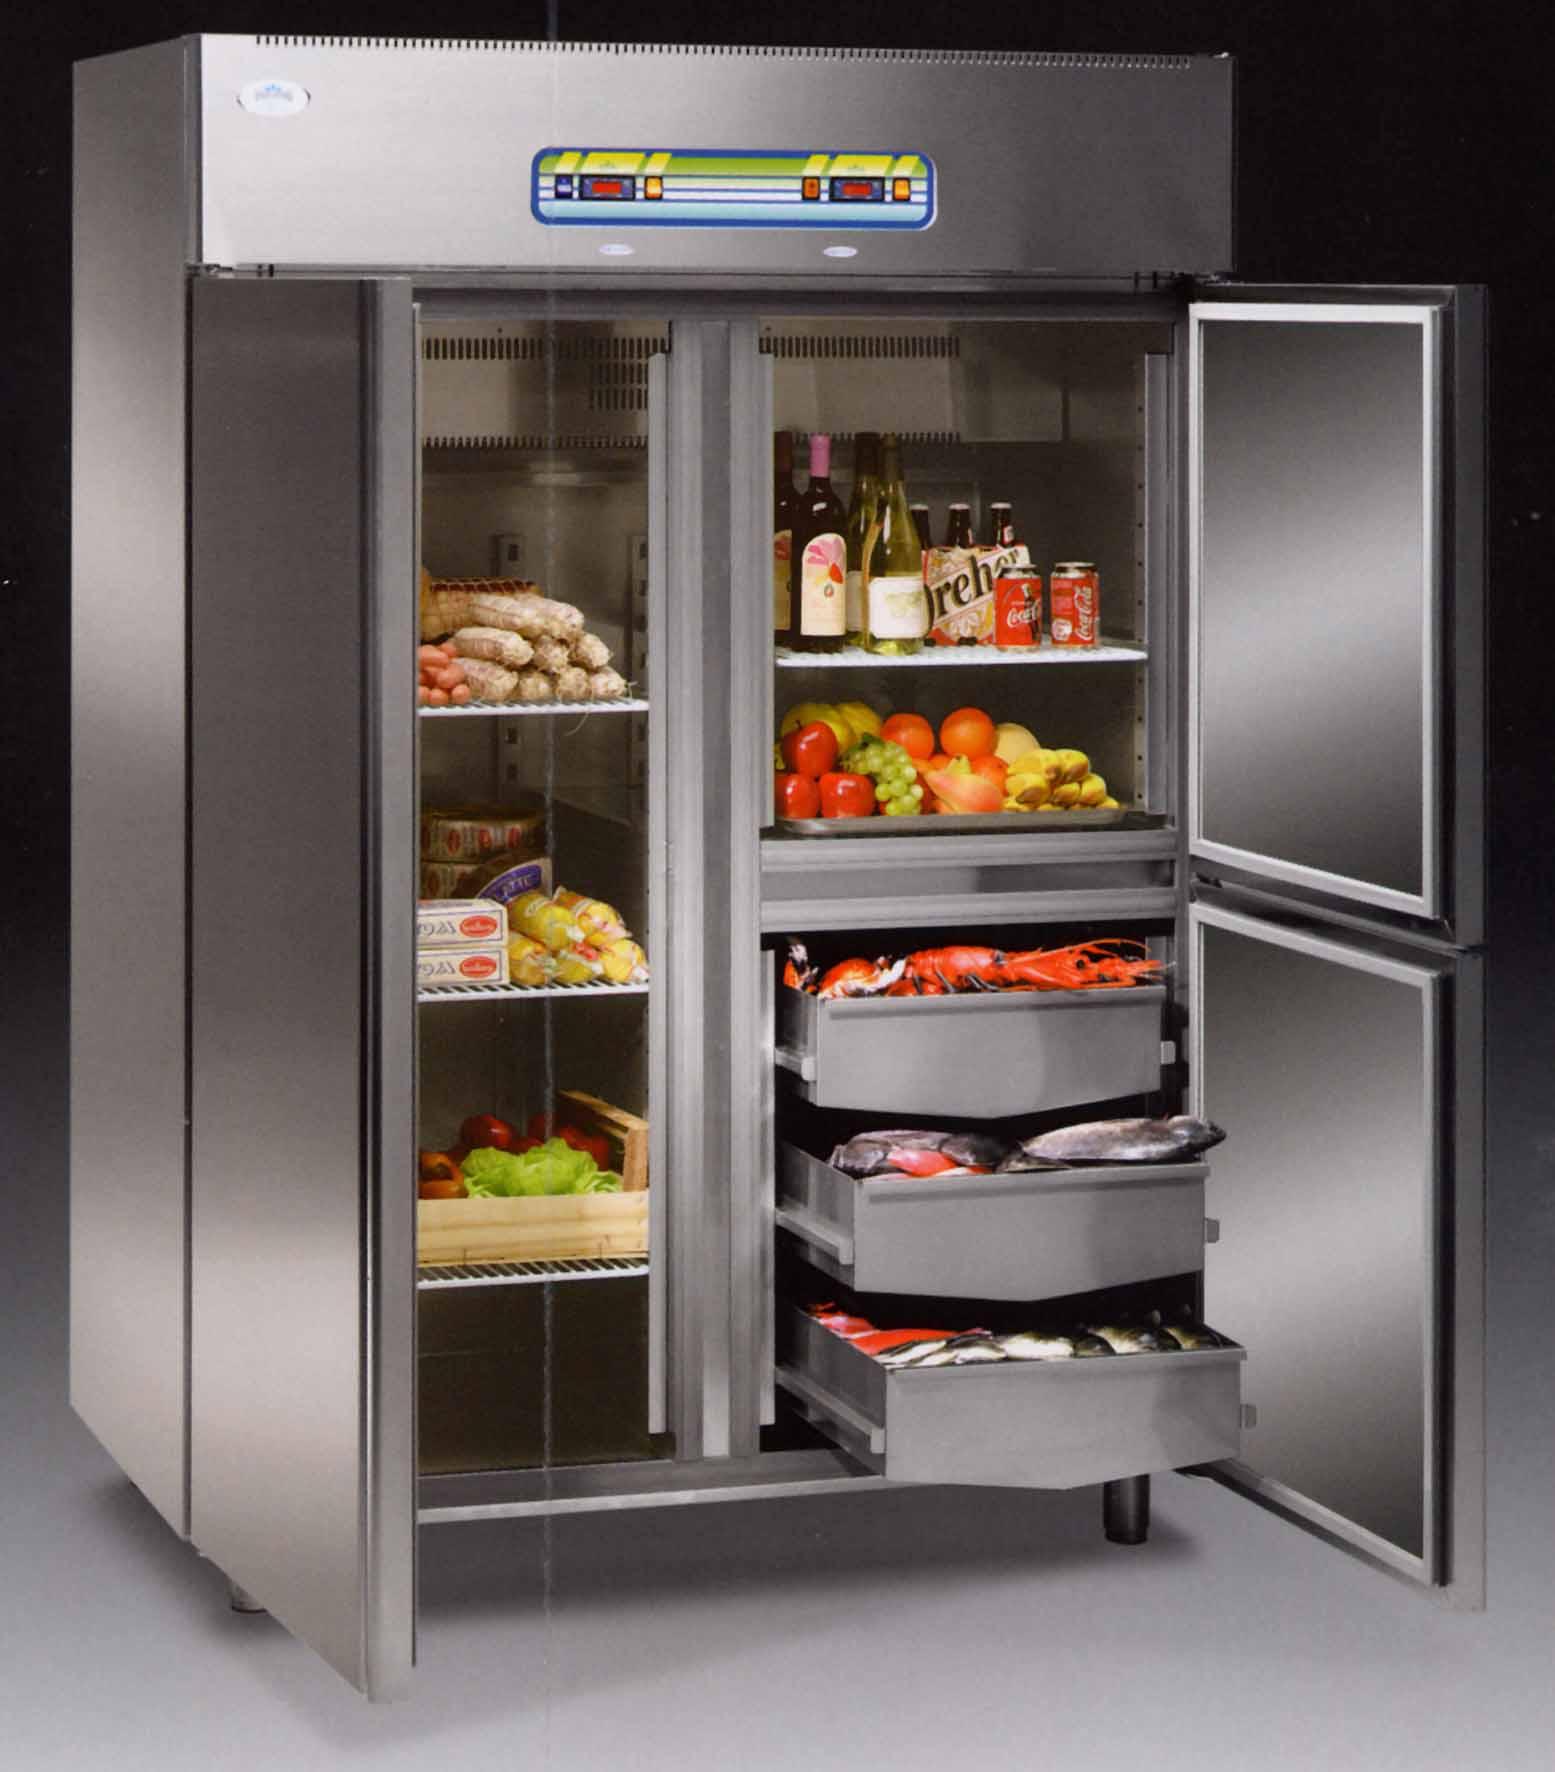 Armadio frigo  NOLO Catering